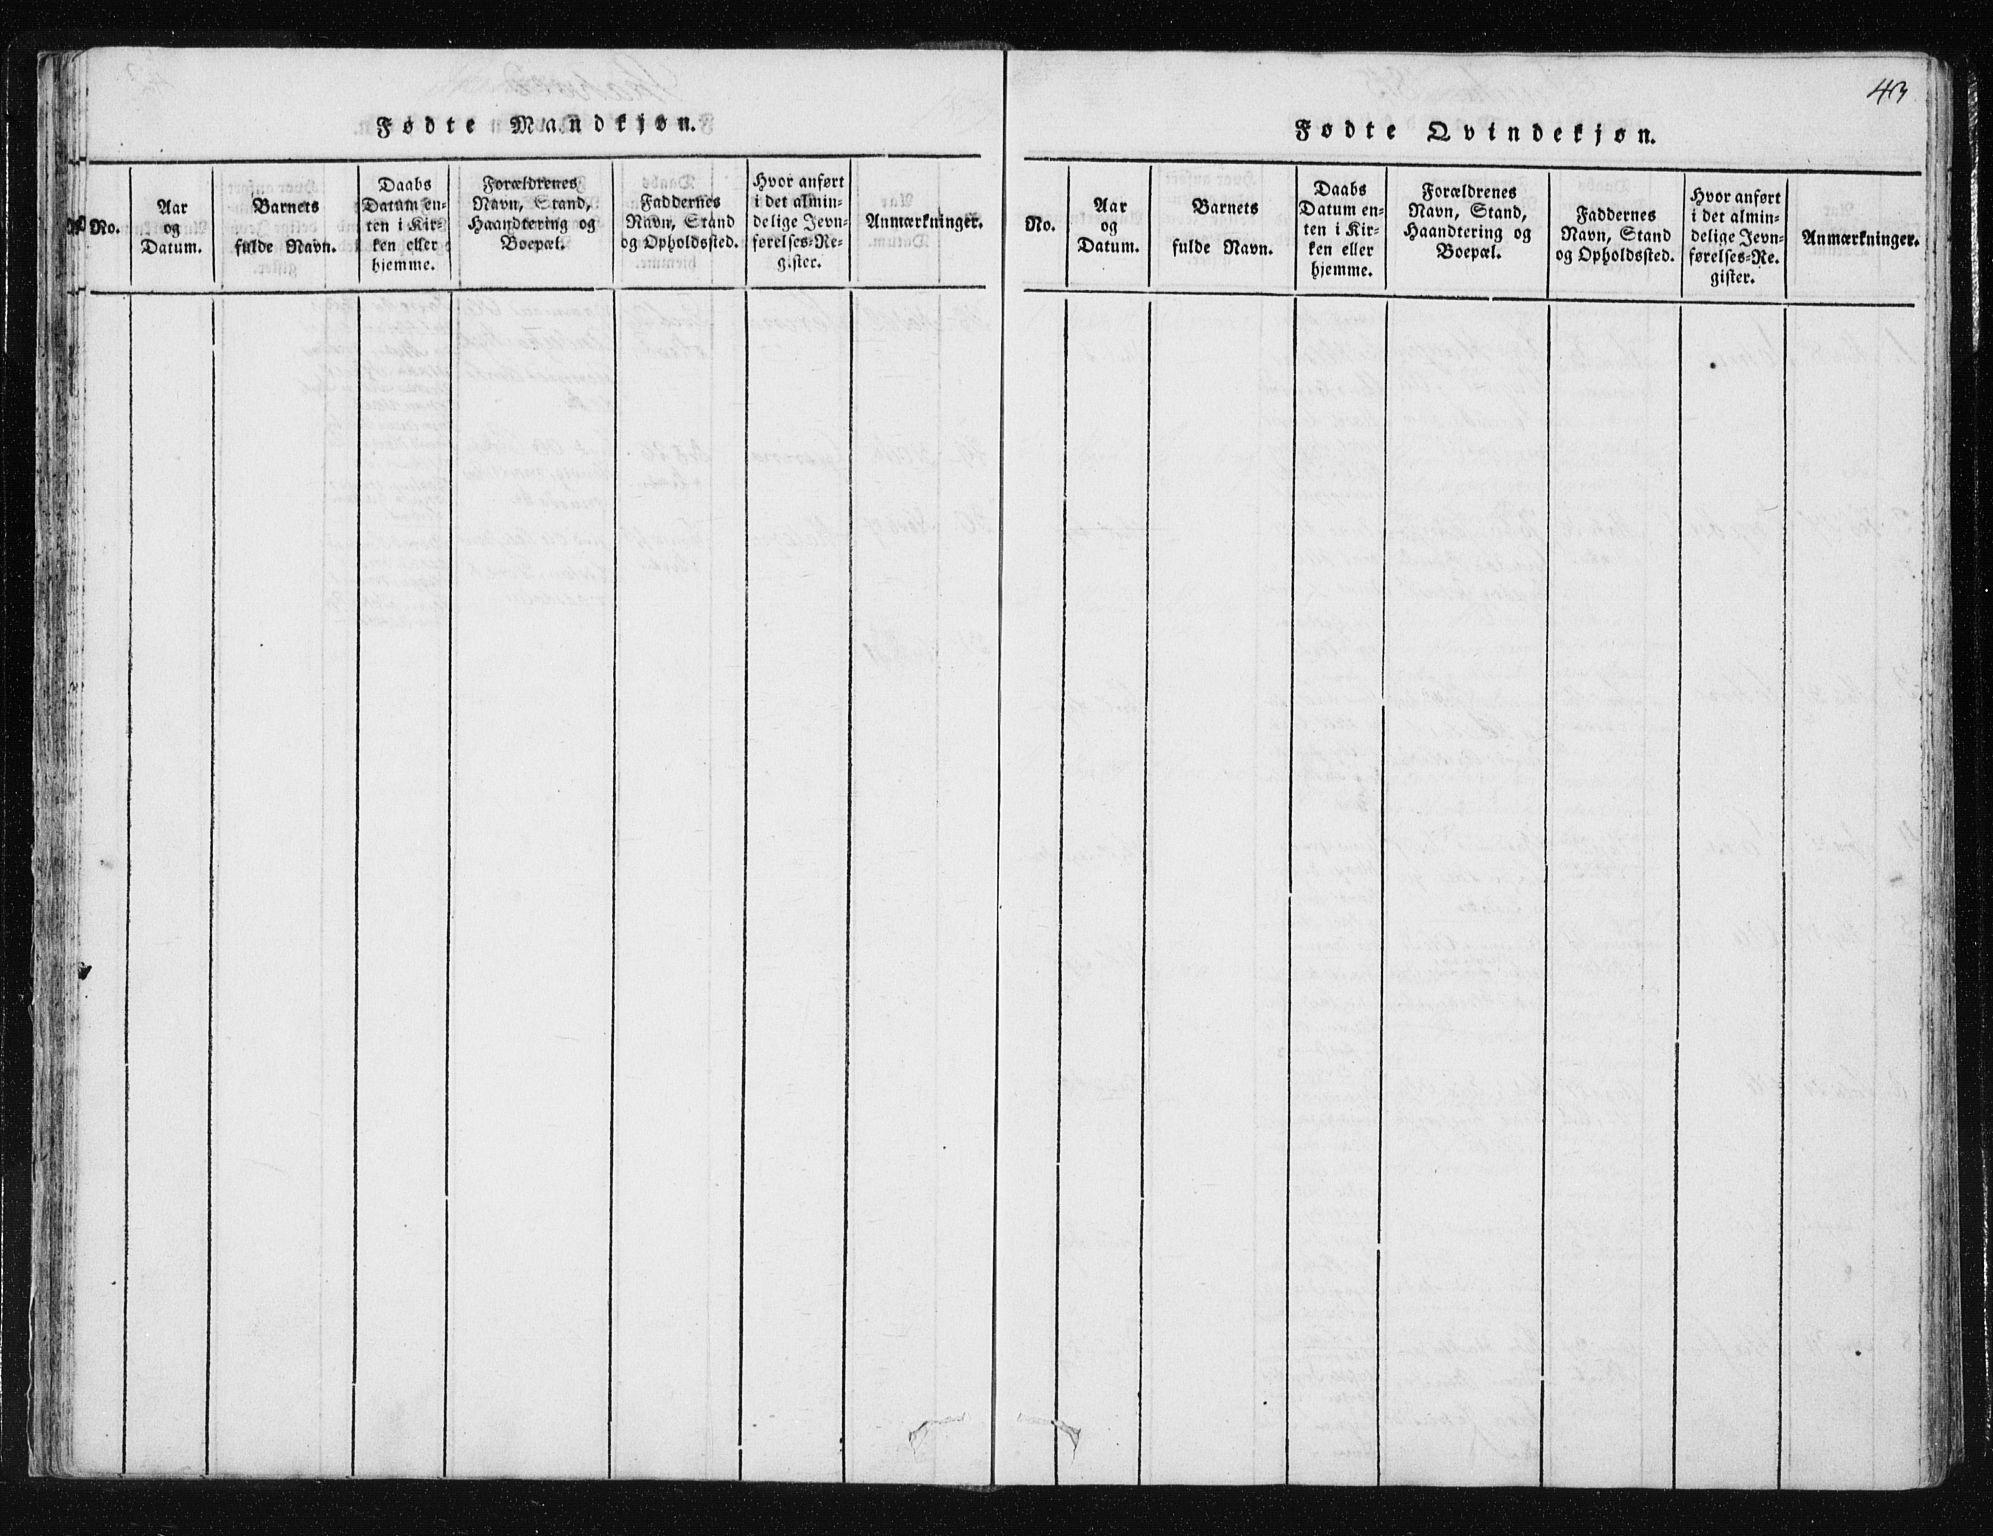 SAT, Ministerialprotokoller, klokkerbøker og fødselsregistre - Nord-Trøndelag, 709/L0061: Ministerialbok nr. 709A08 /2, 1815-1819, s. 43